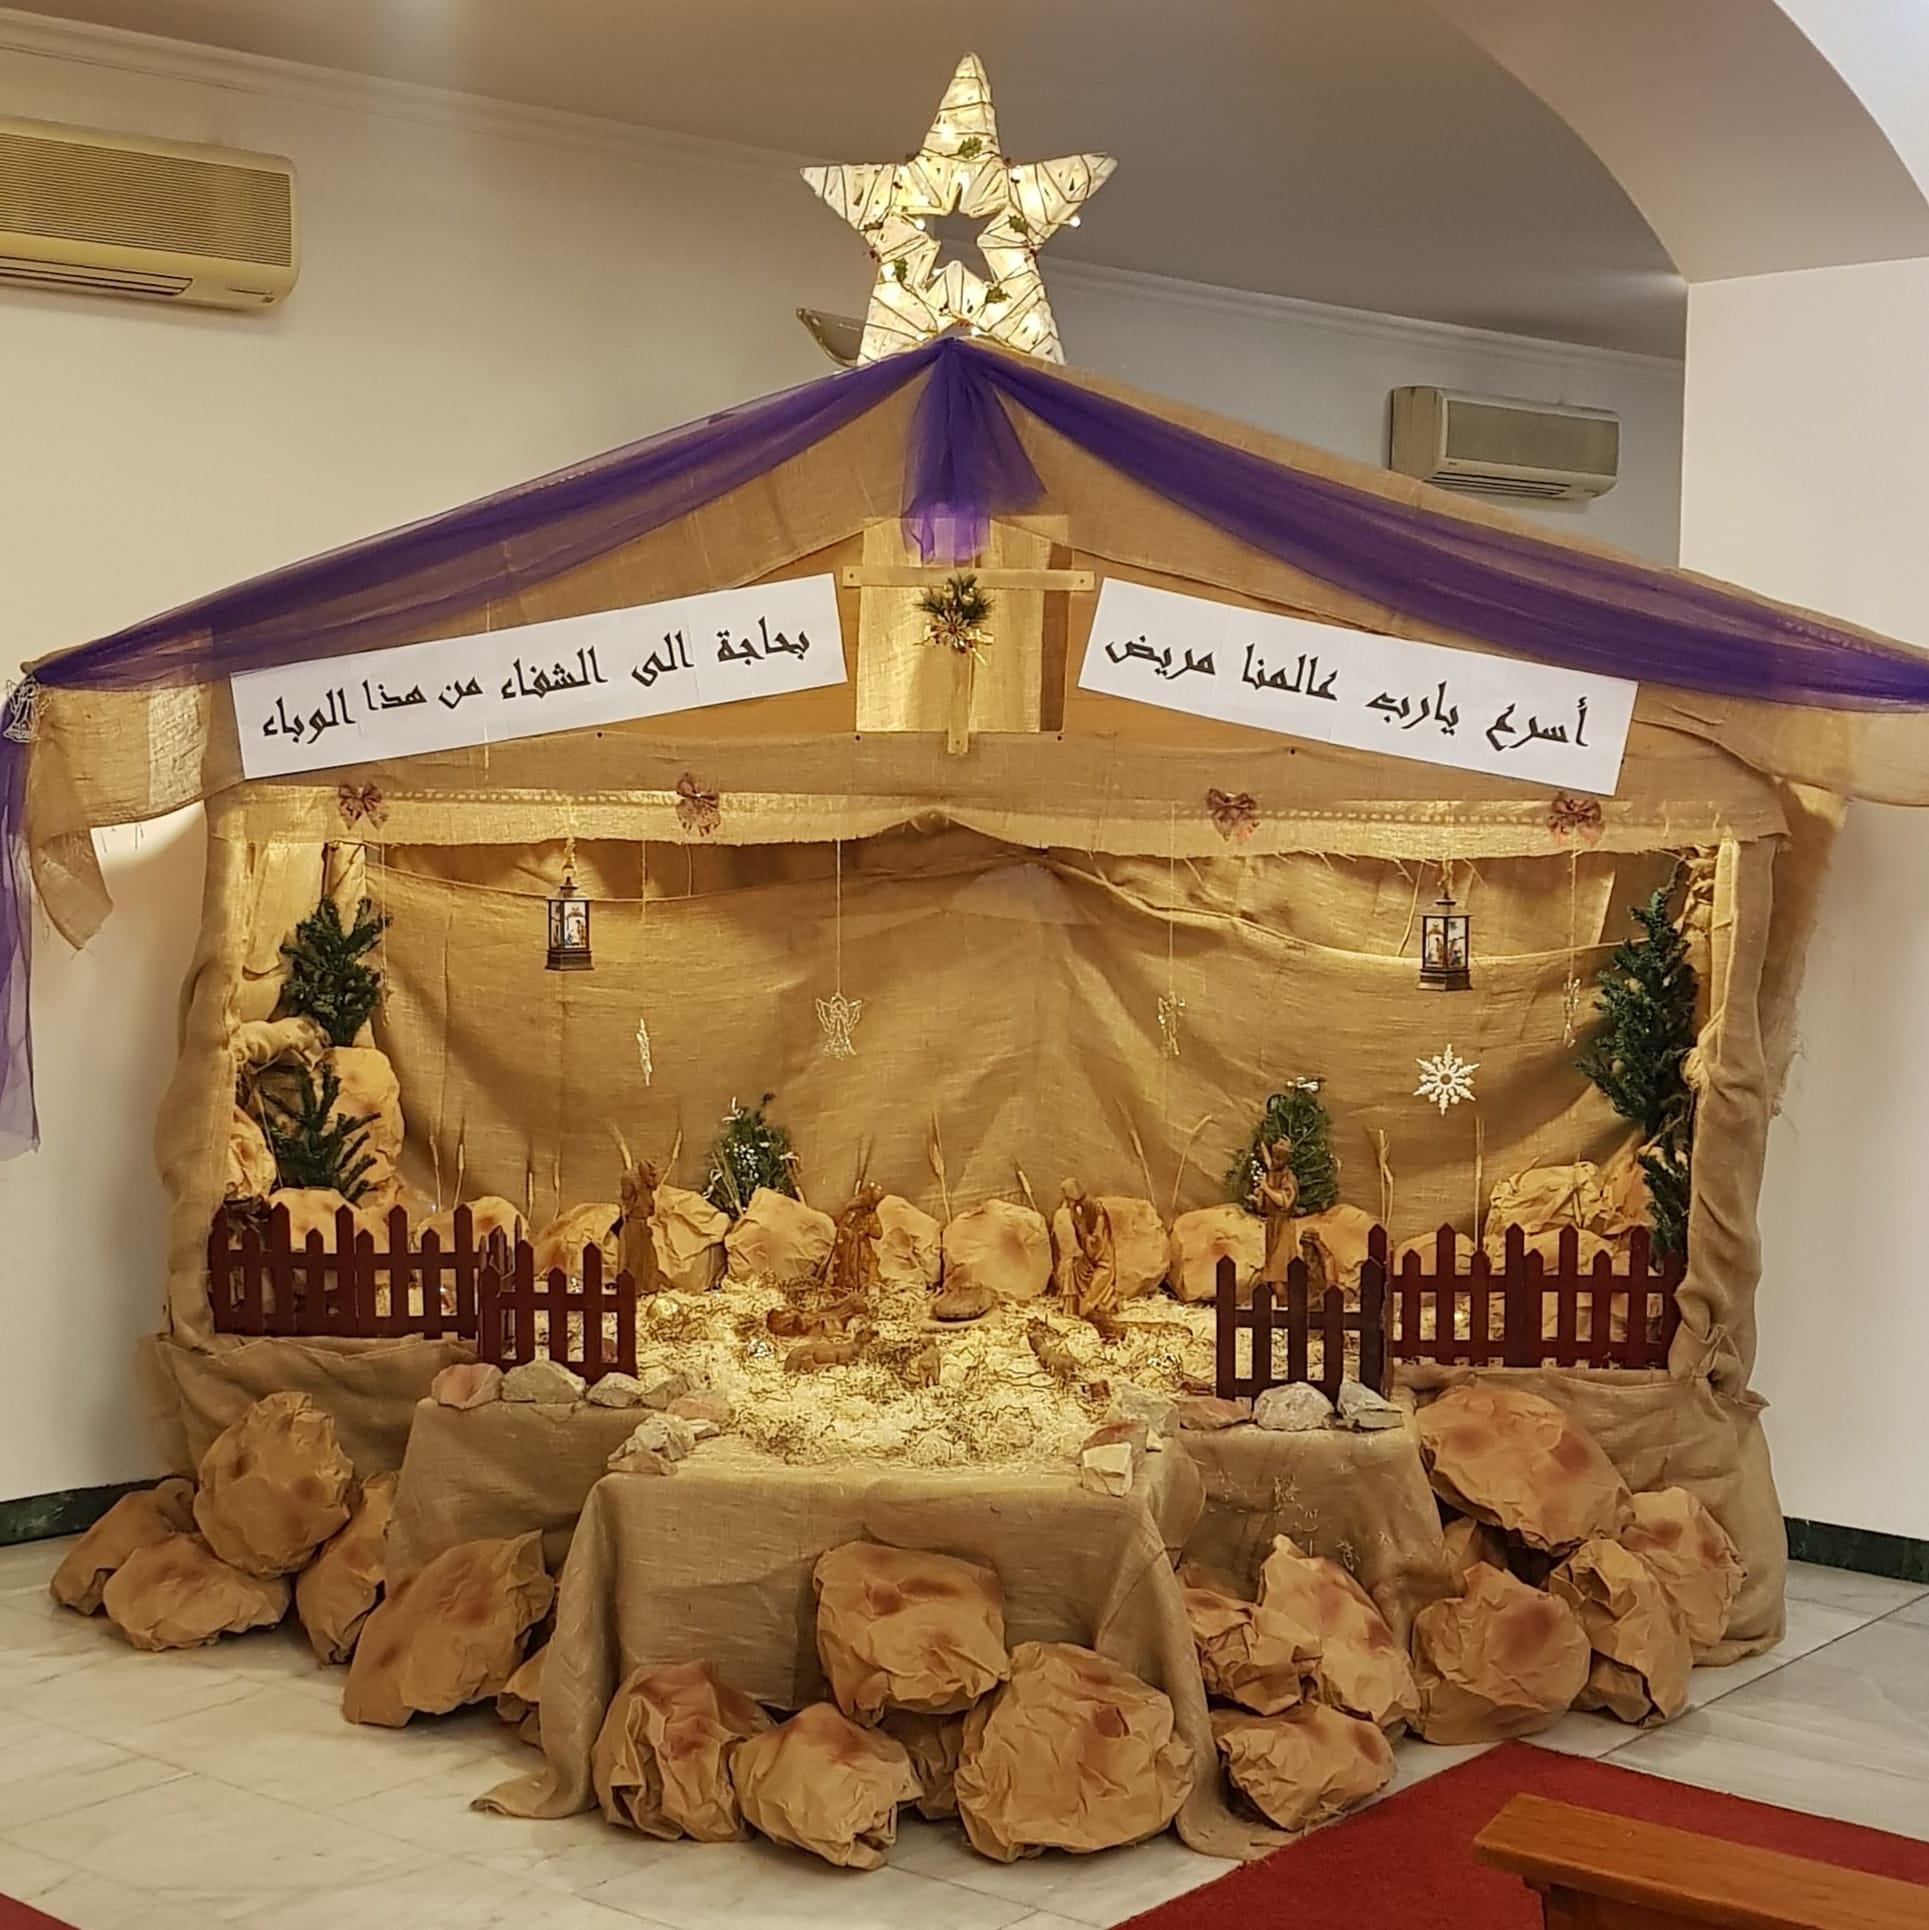 Pesebre de la Parroquia en Irak